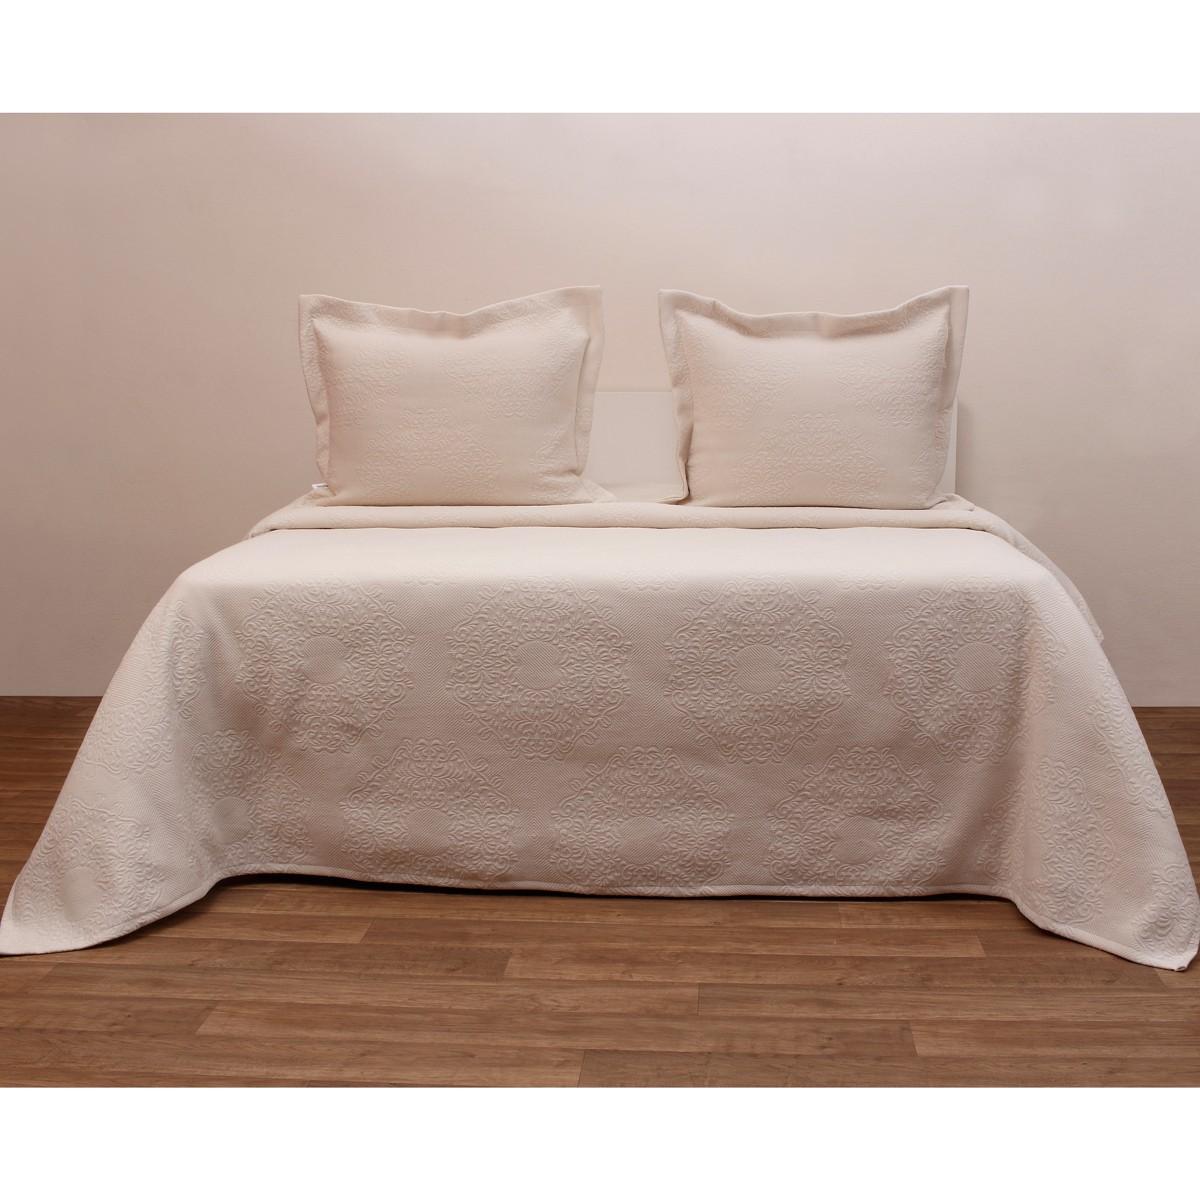 Κουβερτόριο Υπέρδιπλο Anna Riska Megan Ivory home   κρεβατοκάμαρα   κουβέρτες   κουβέρτες καλοκαιρινές υπέρδιπλες